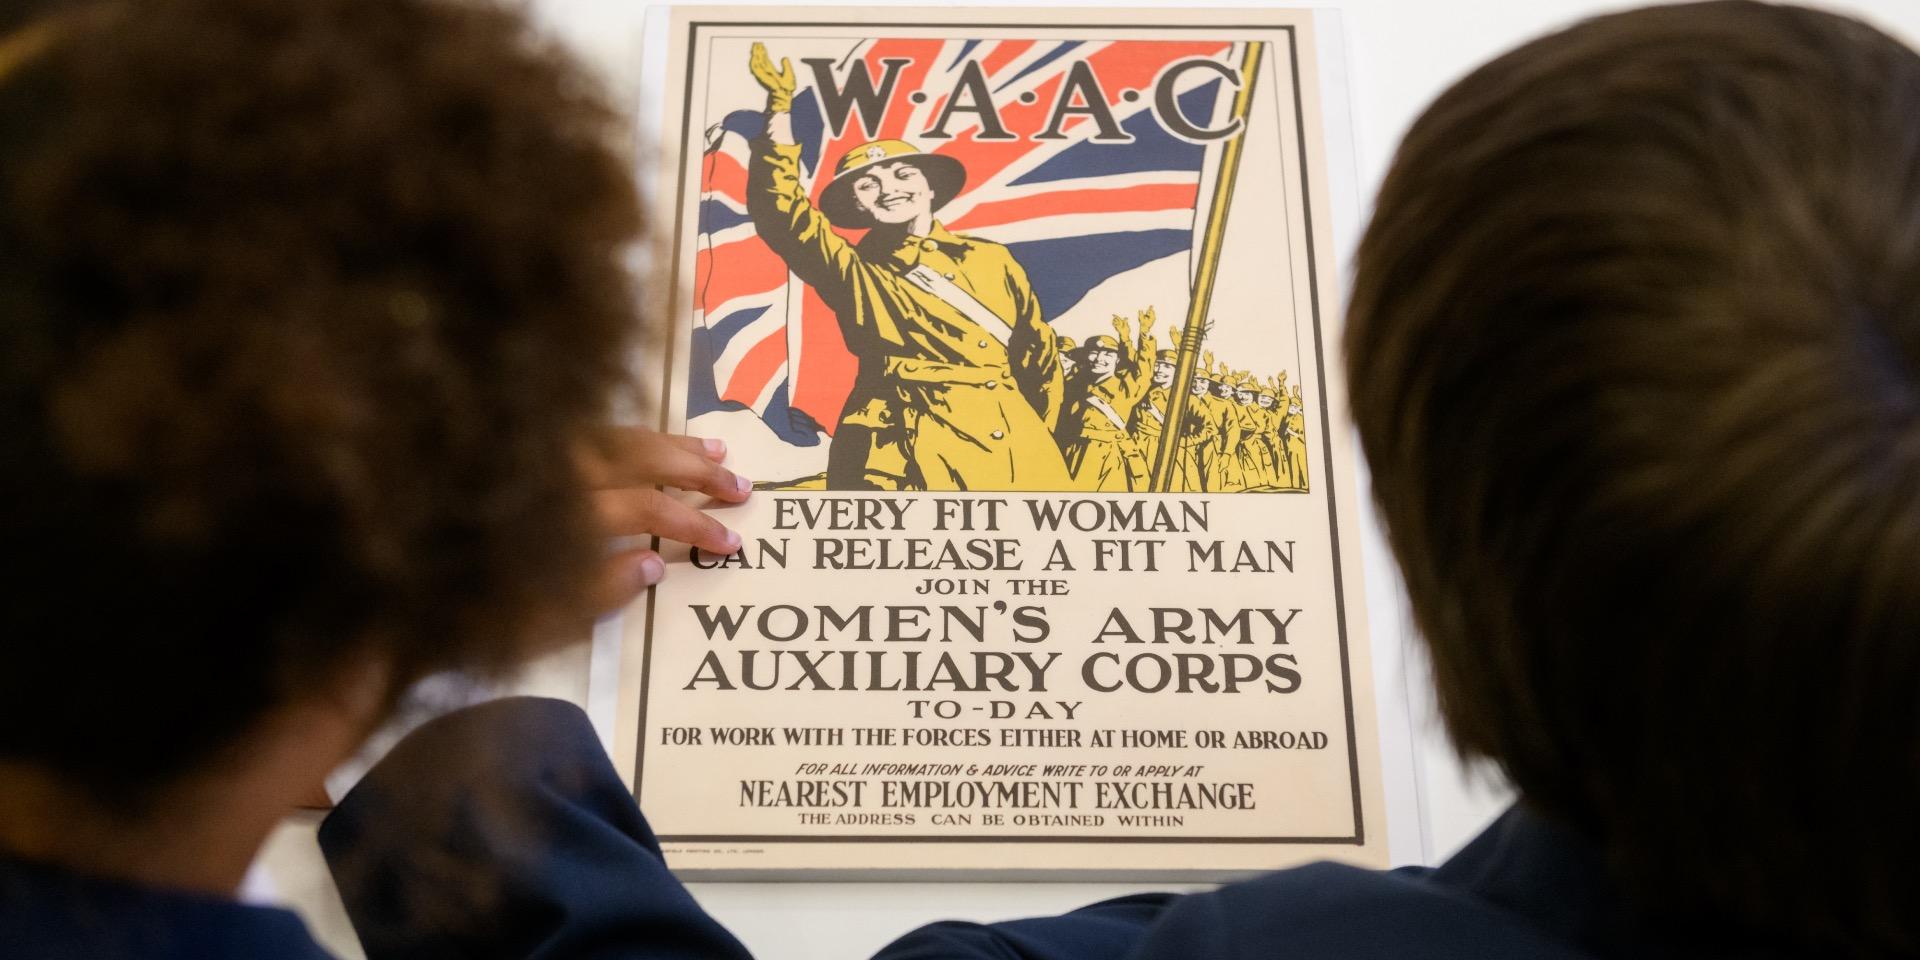 School children examining a First World War recruiting poster